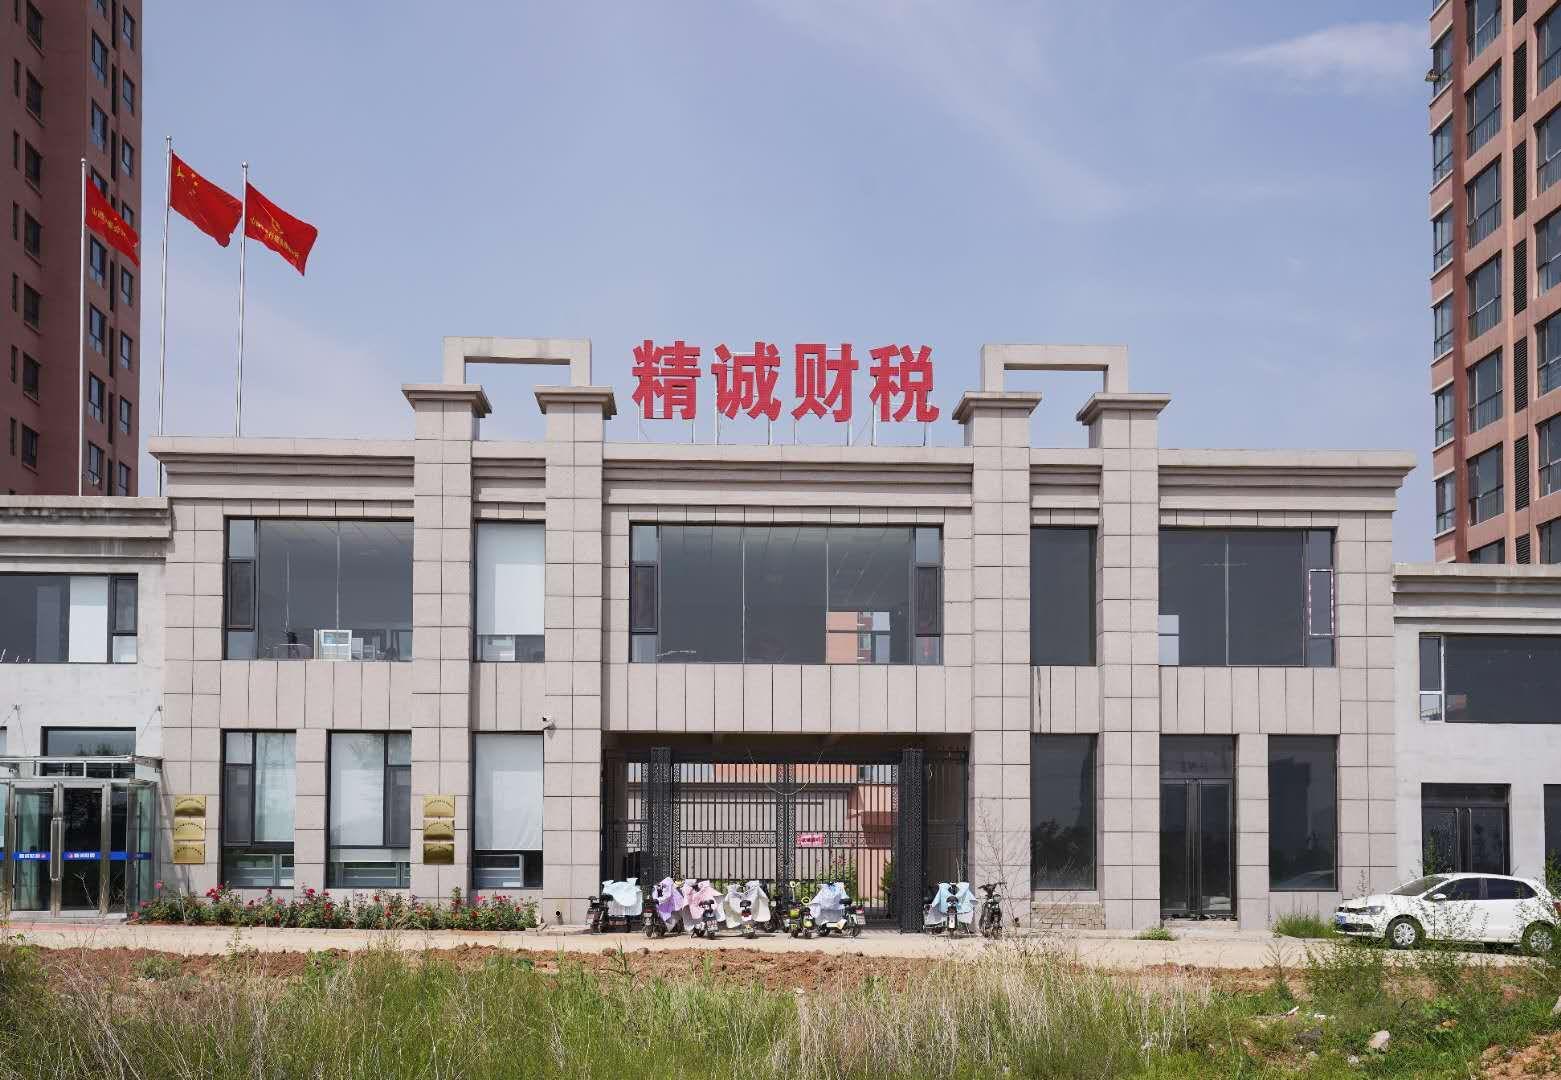 忻州代办公司,精诚财税专业代办营业执照,免费代账